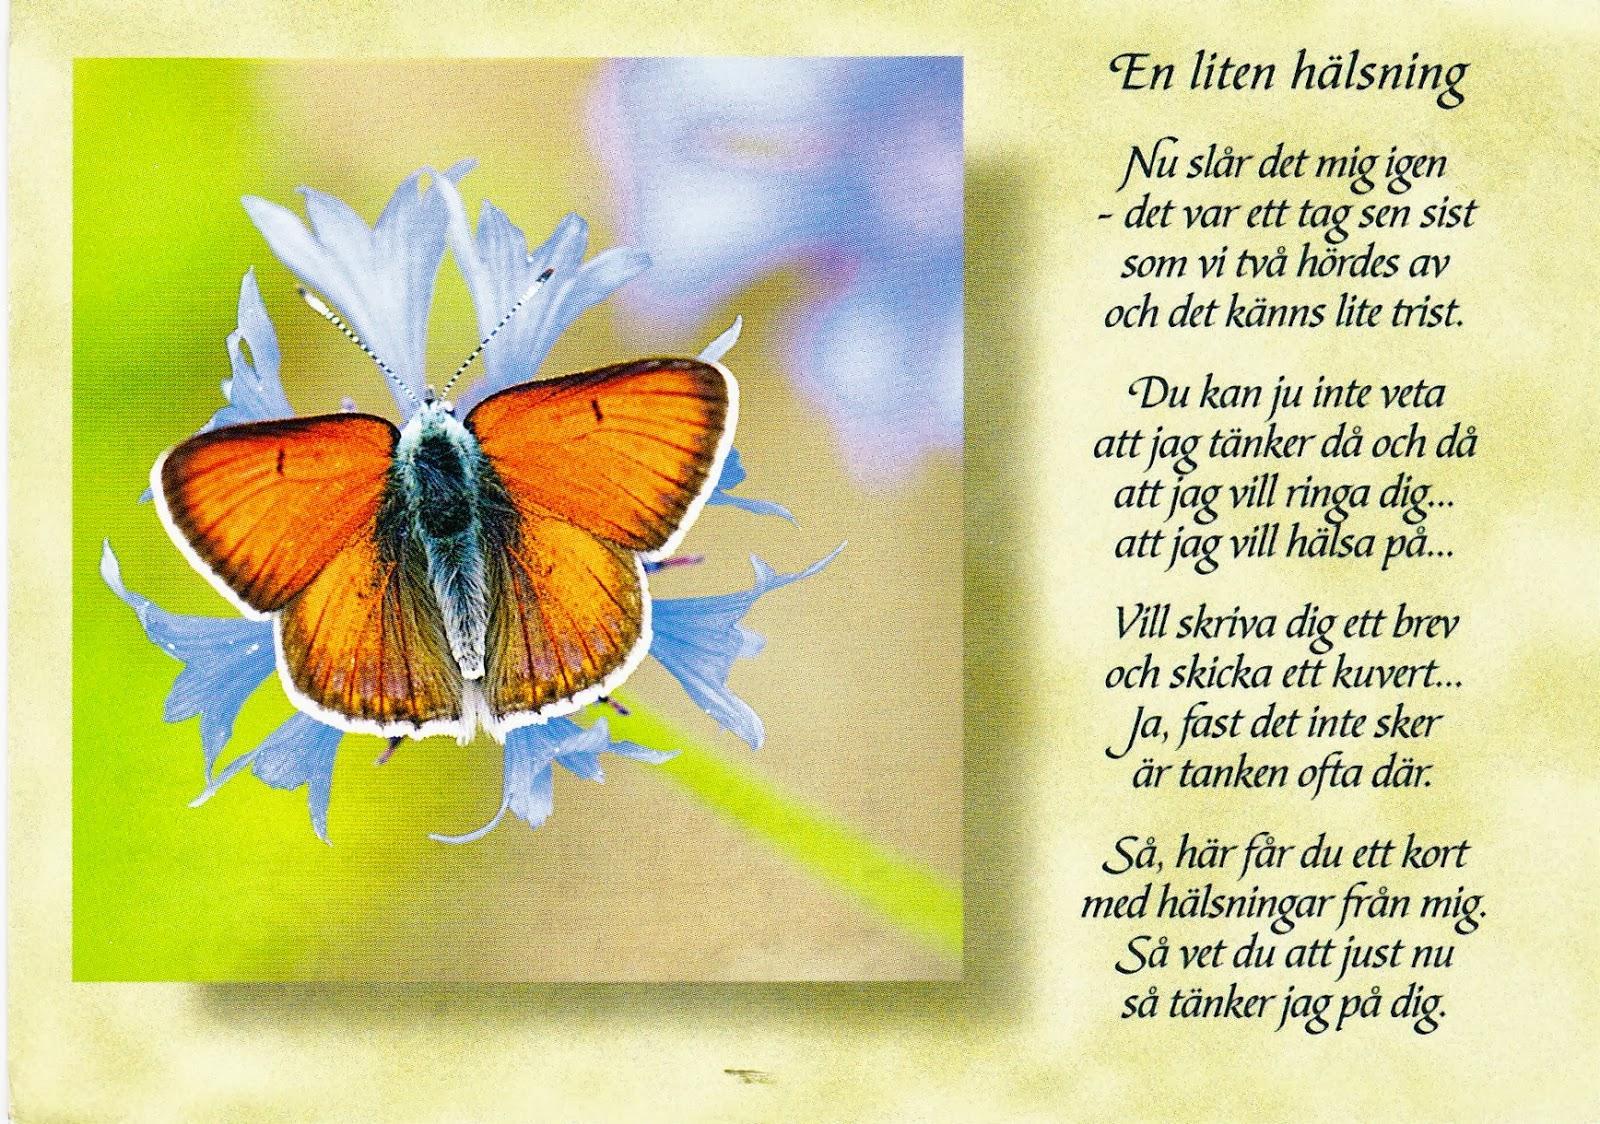 hälsningar till födelsedag Lilla Solberga: UPPSKATTADE HÄLSNINGAR hälsningar till födelsedag